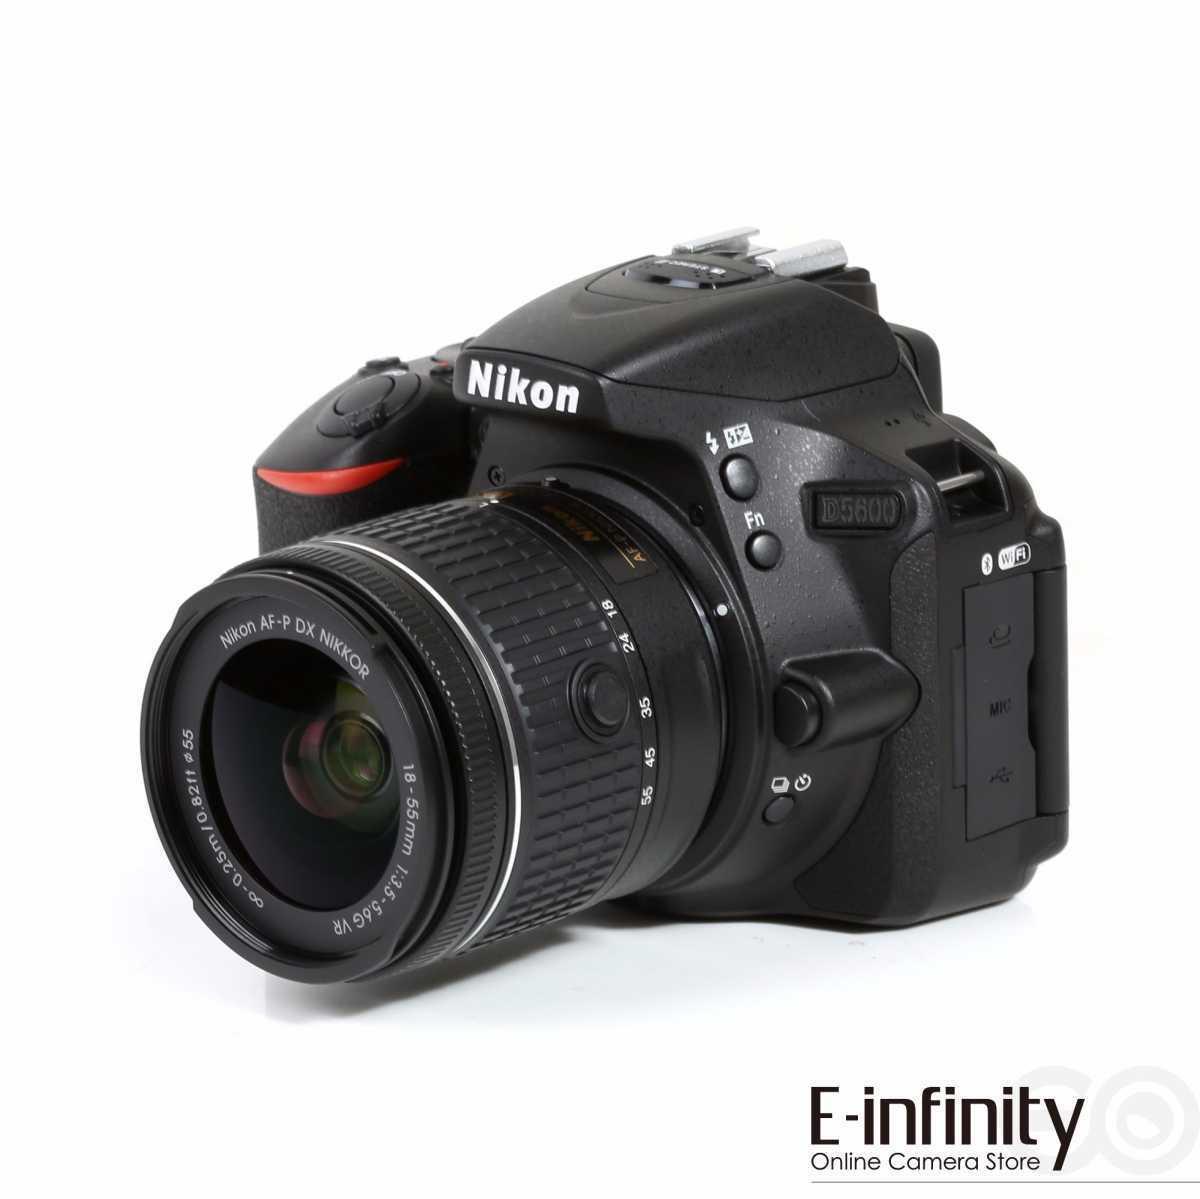 Nikon D5600 Digital SLR + AF-P DX Nikkor 18-55mm f/3.5-5.6G VR